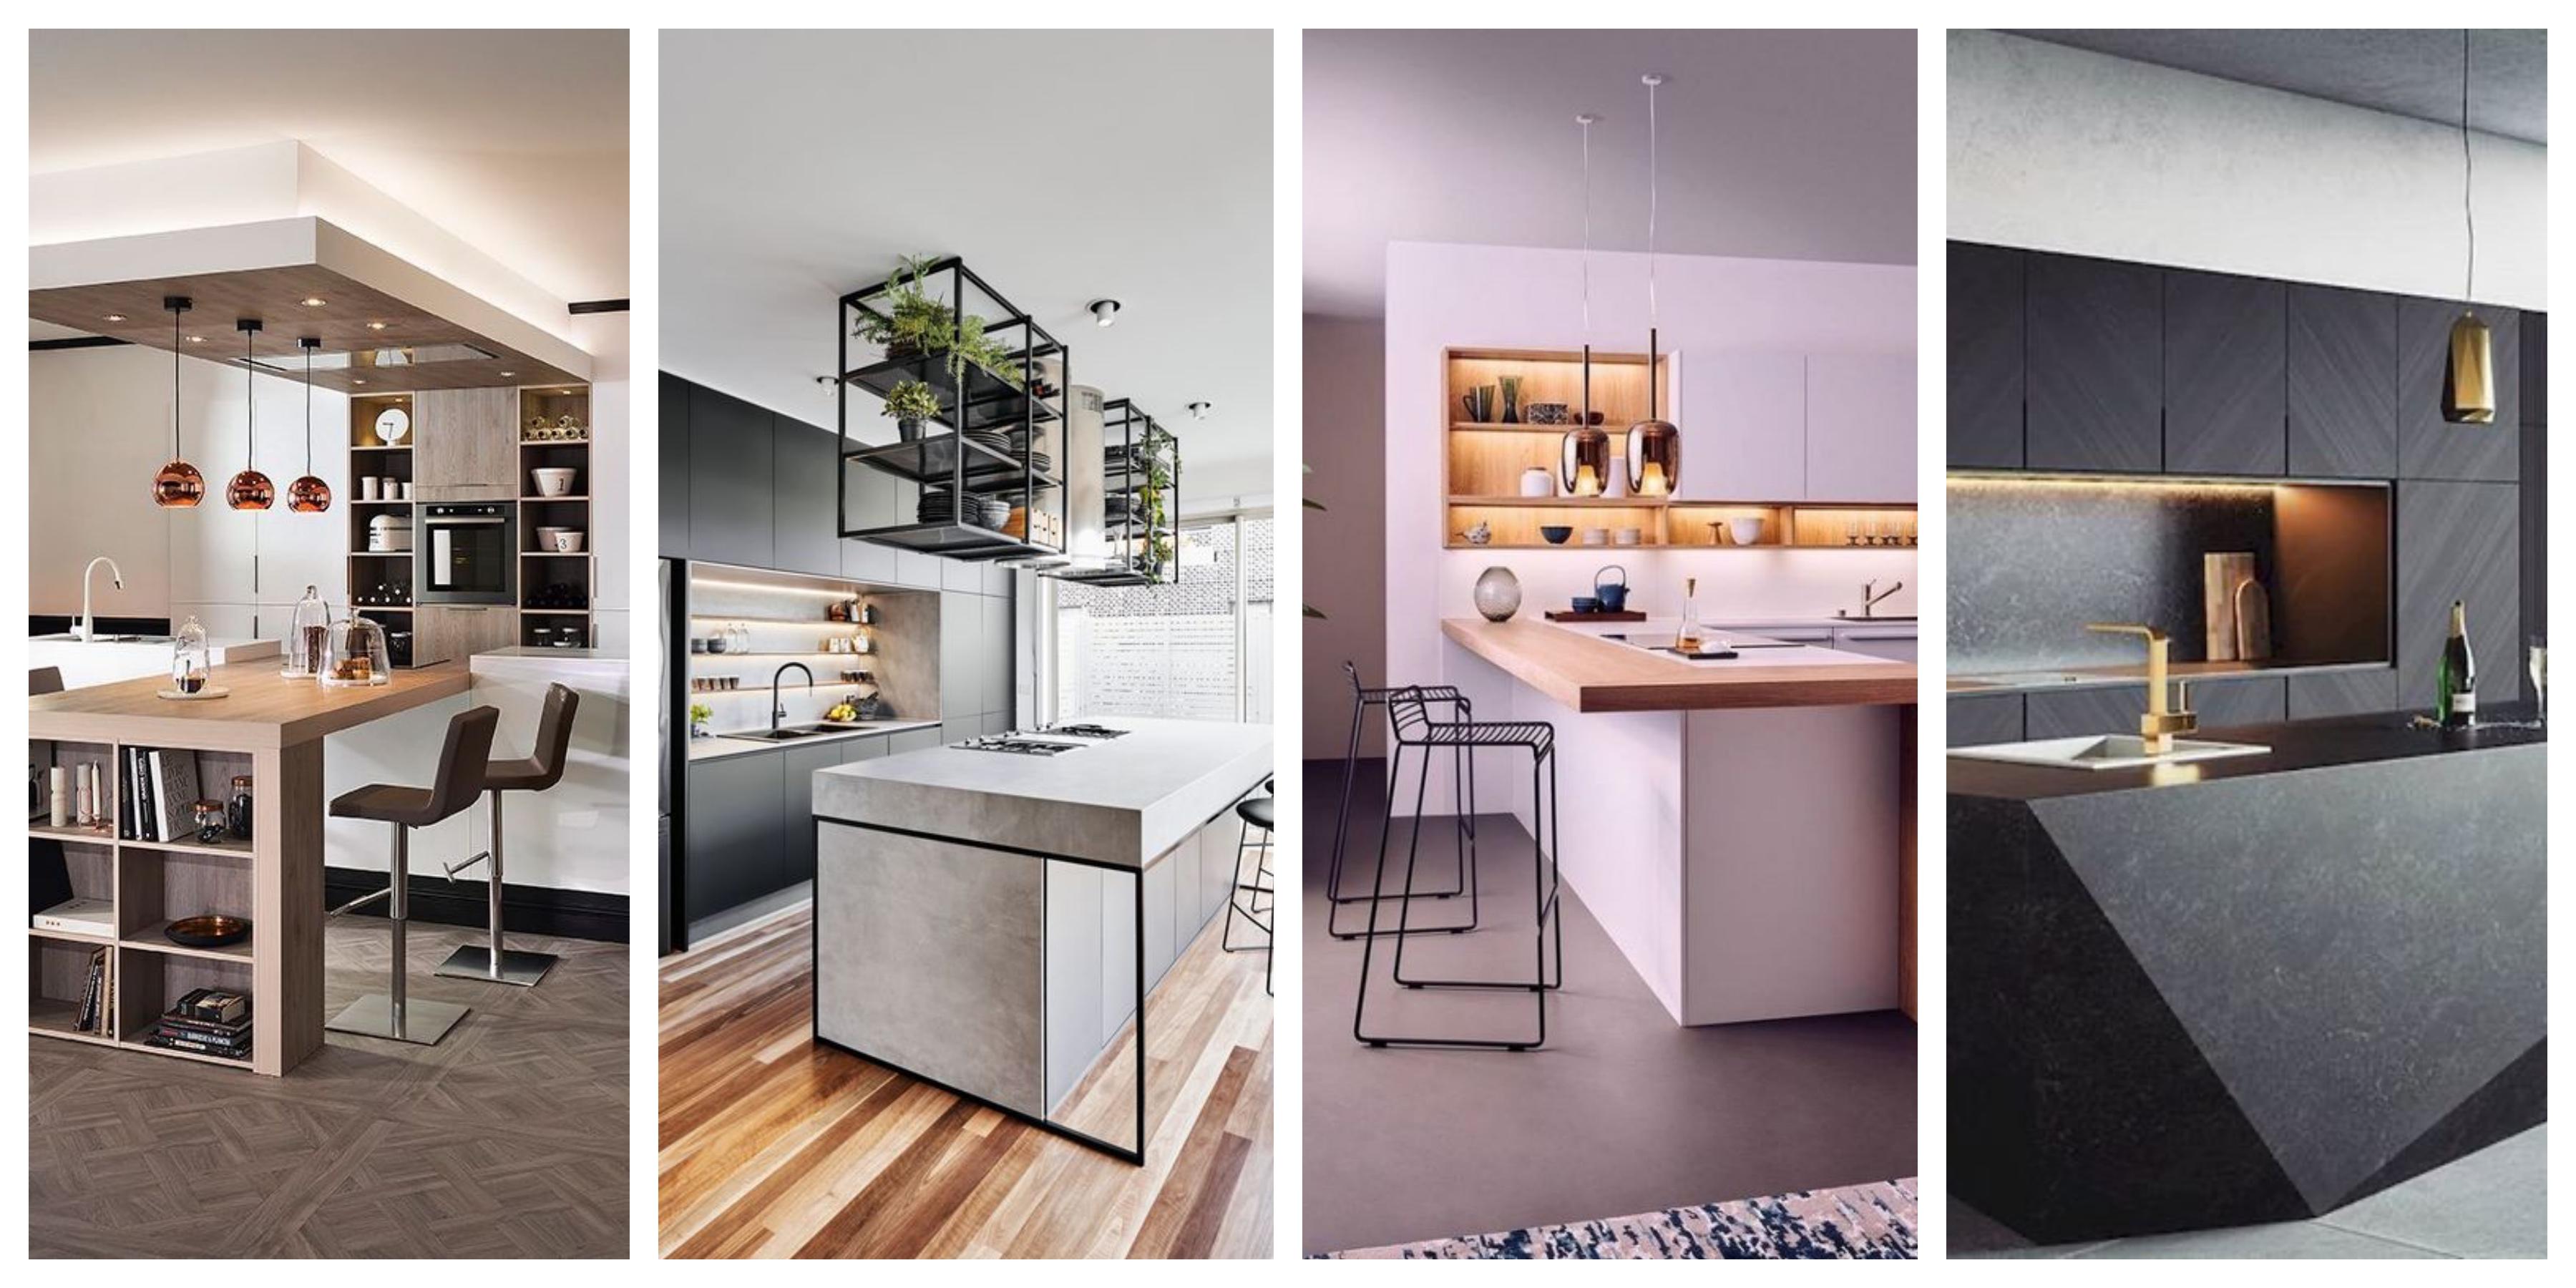 Moderní kuchyně - fotogalerie, inspirace